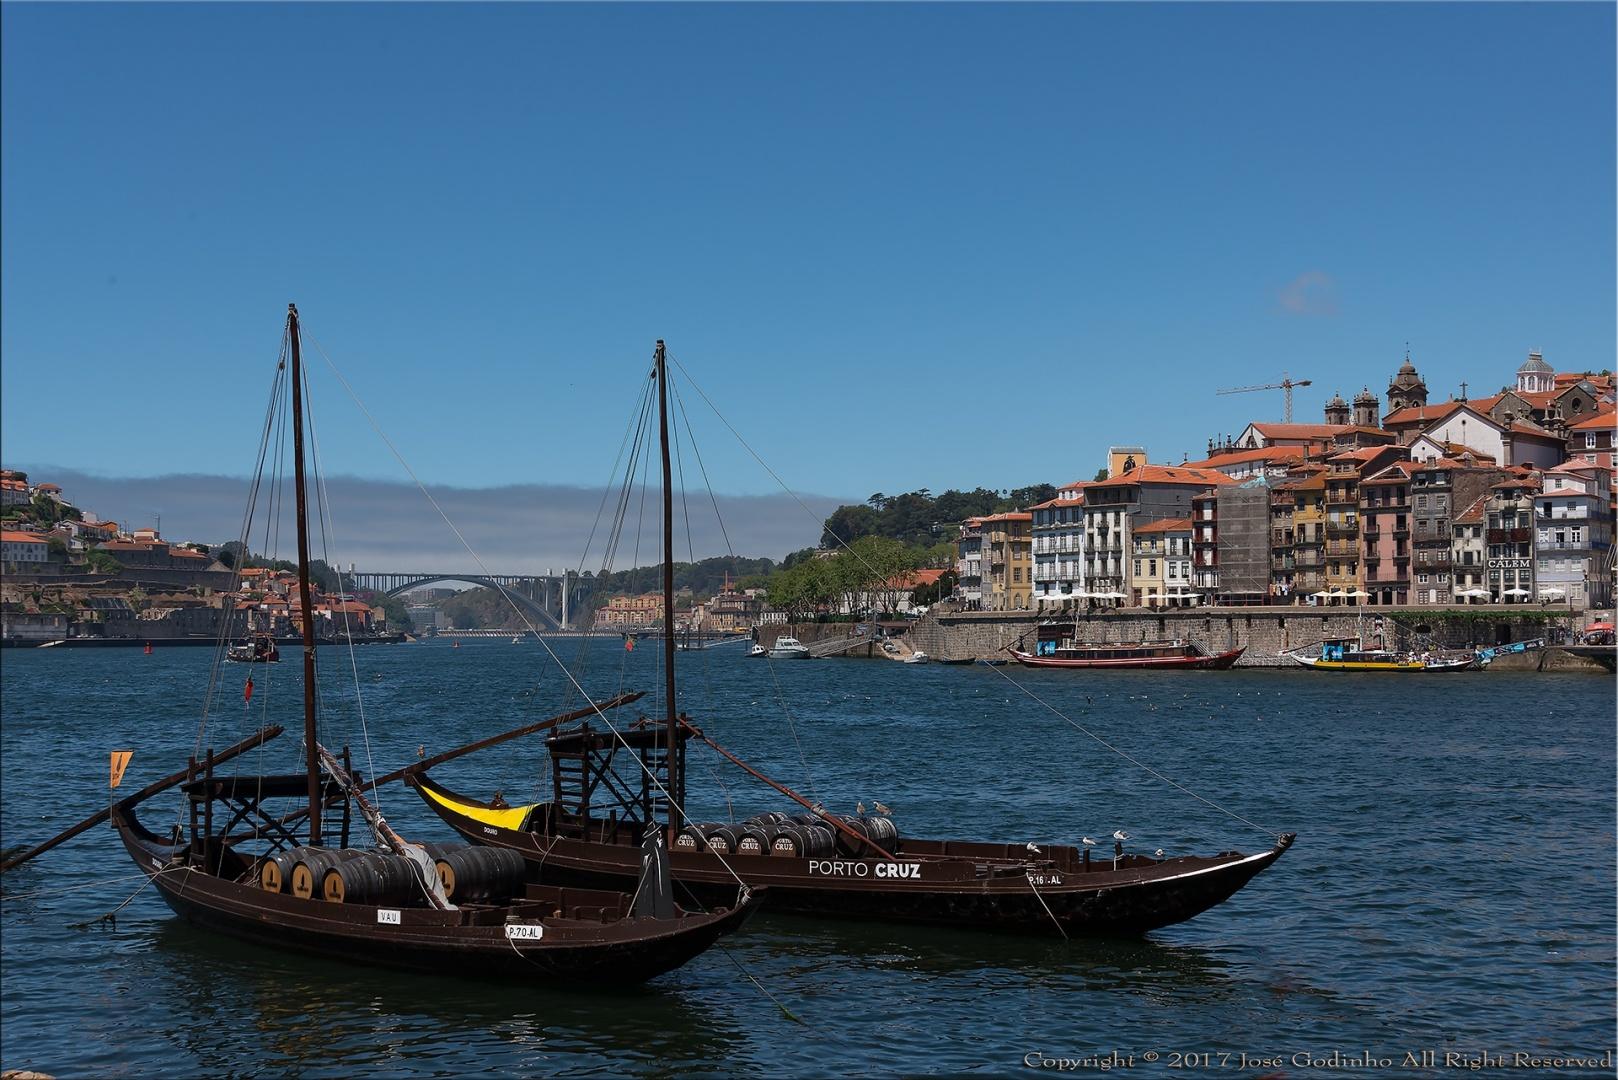 Paisagem Urbana/Porto Cruz - Um clássico